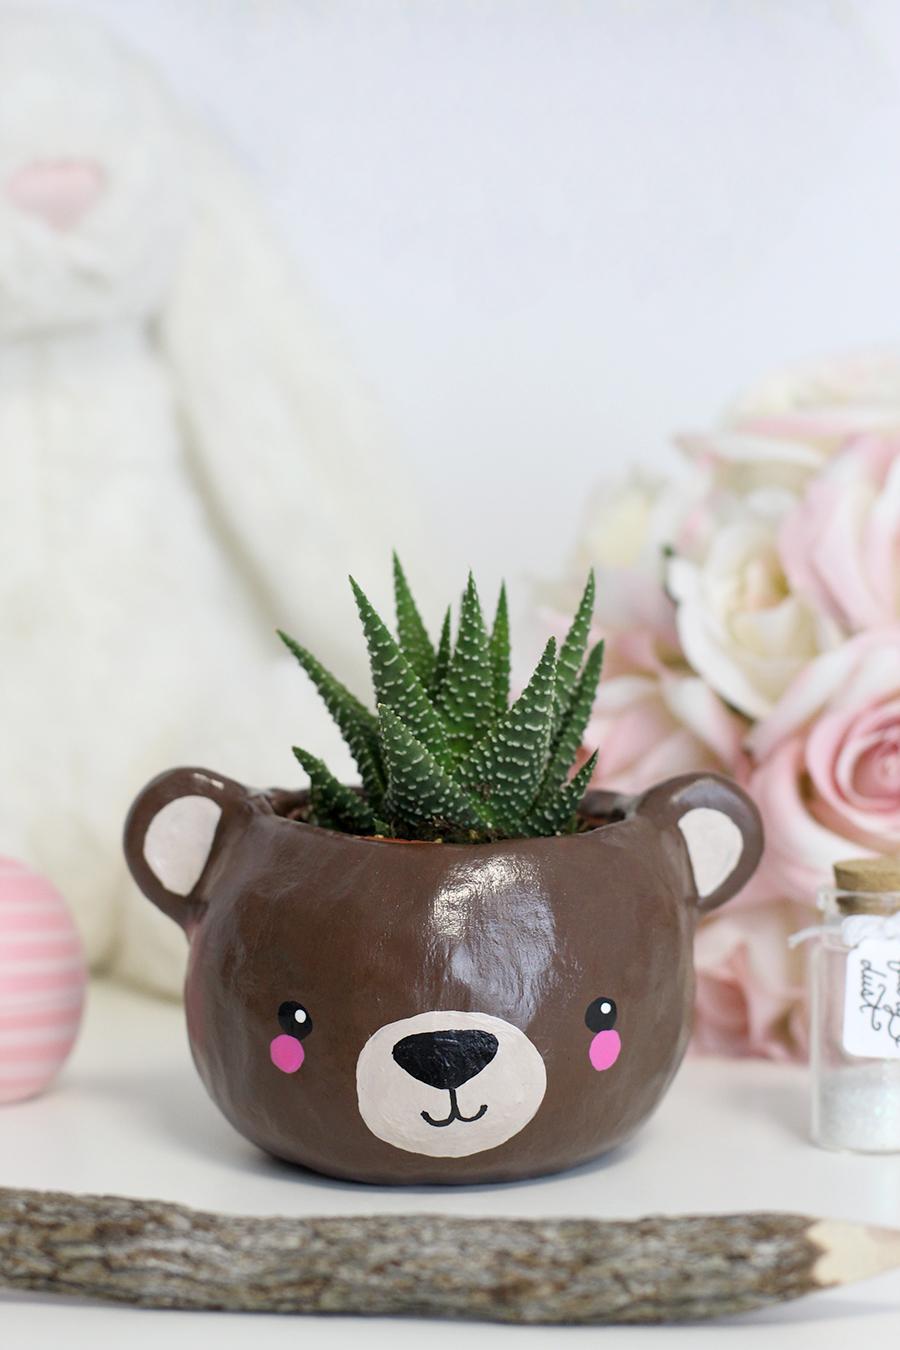 Diy Clay Animal Head Succulent Planter Xfallenmoon